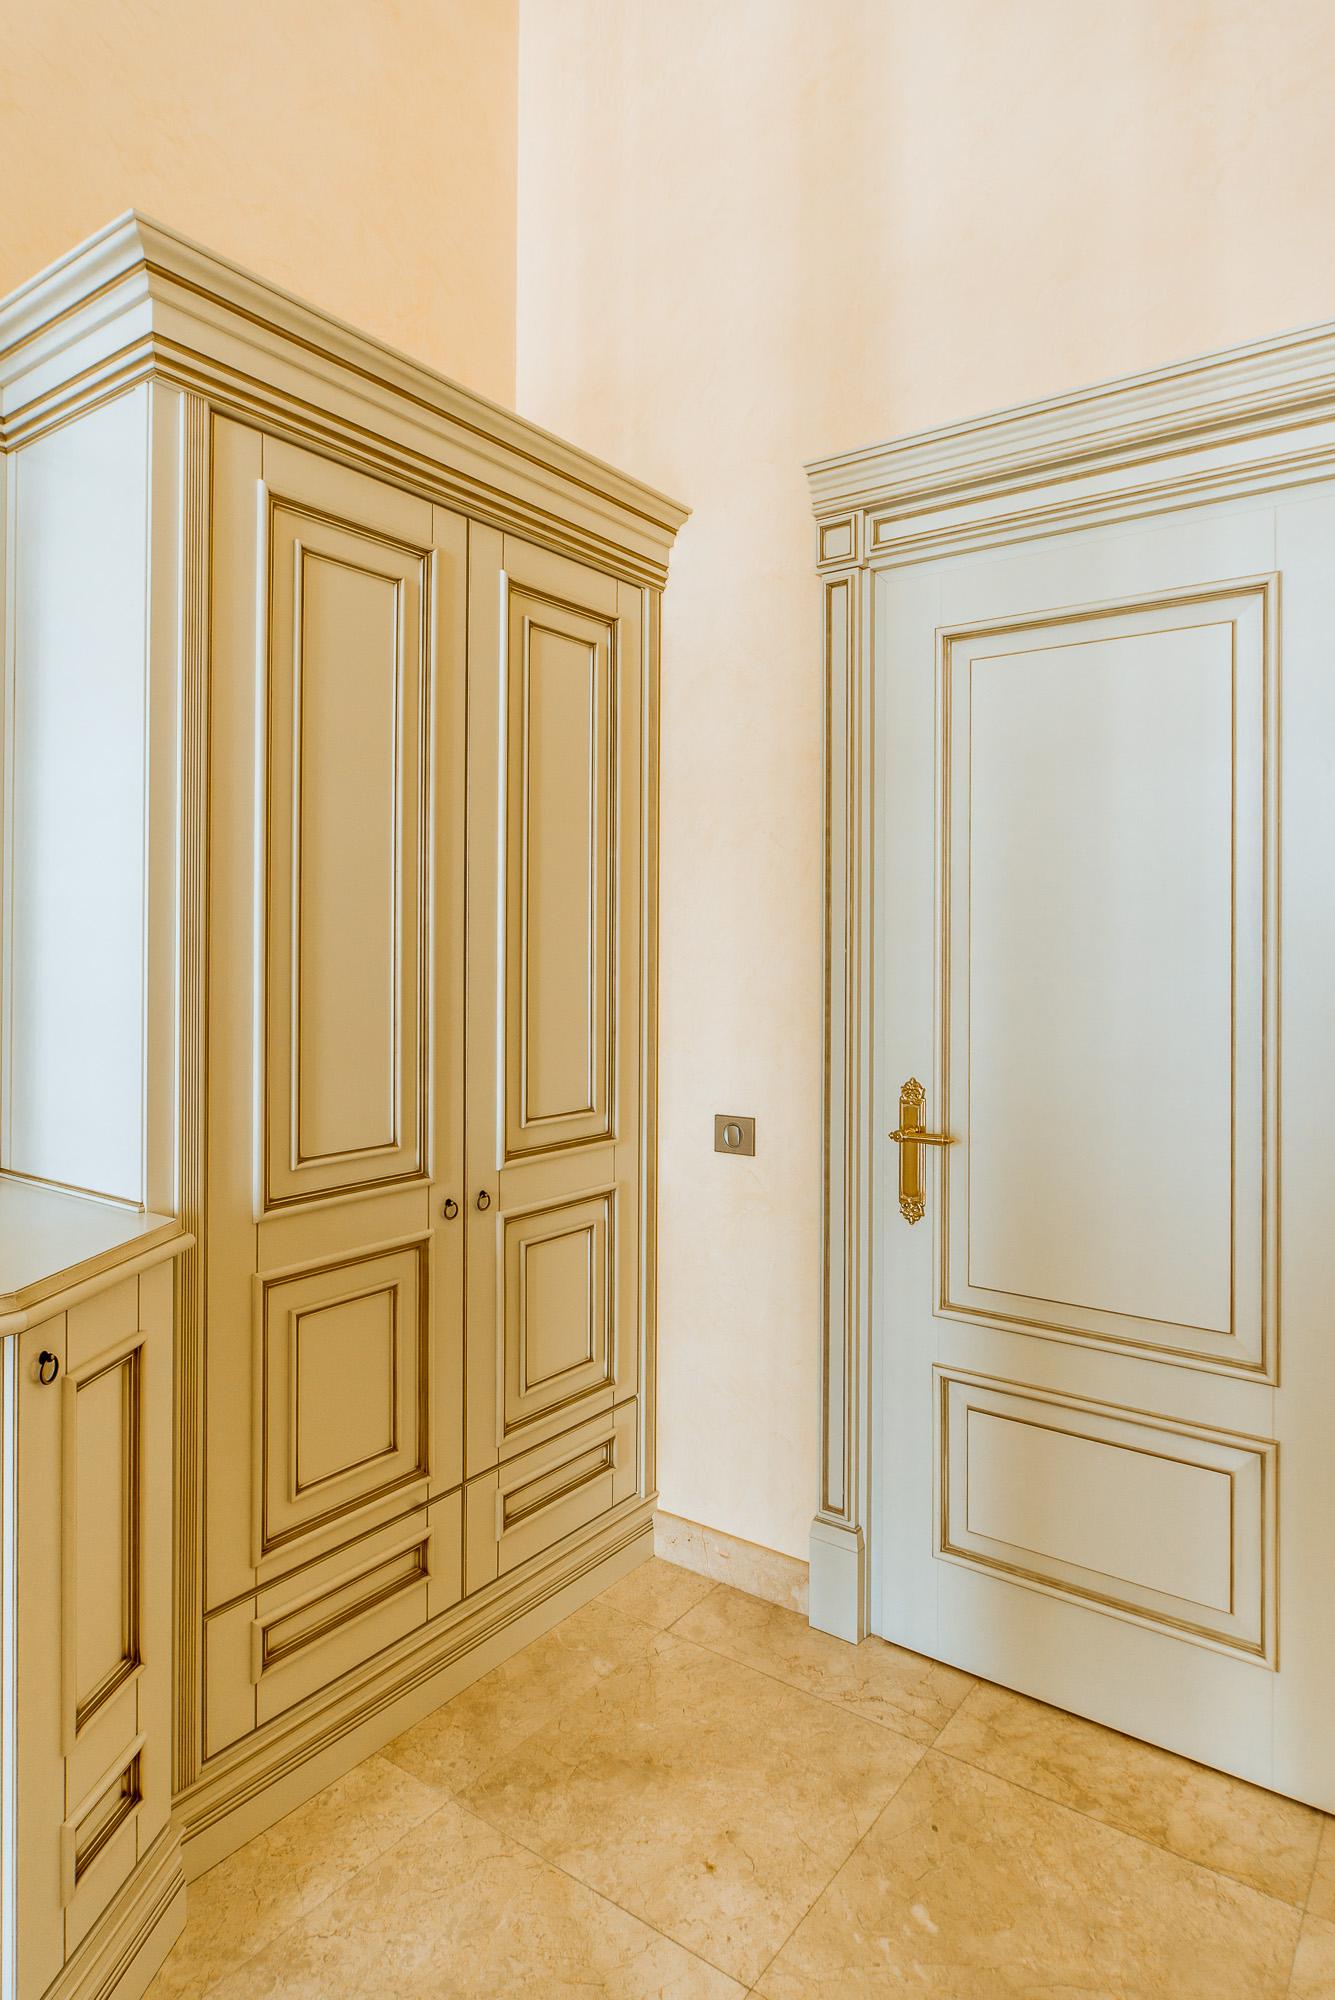 Светлая классическая дверь в интерьере